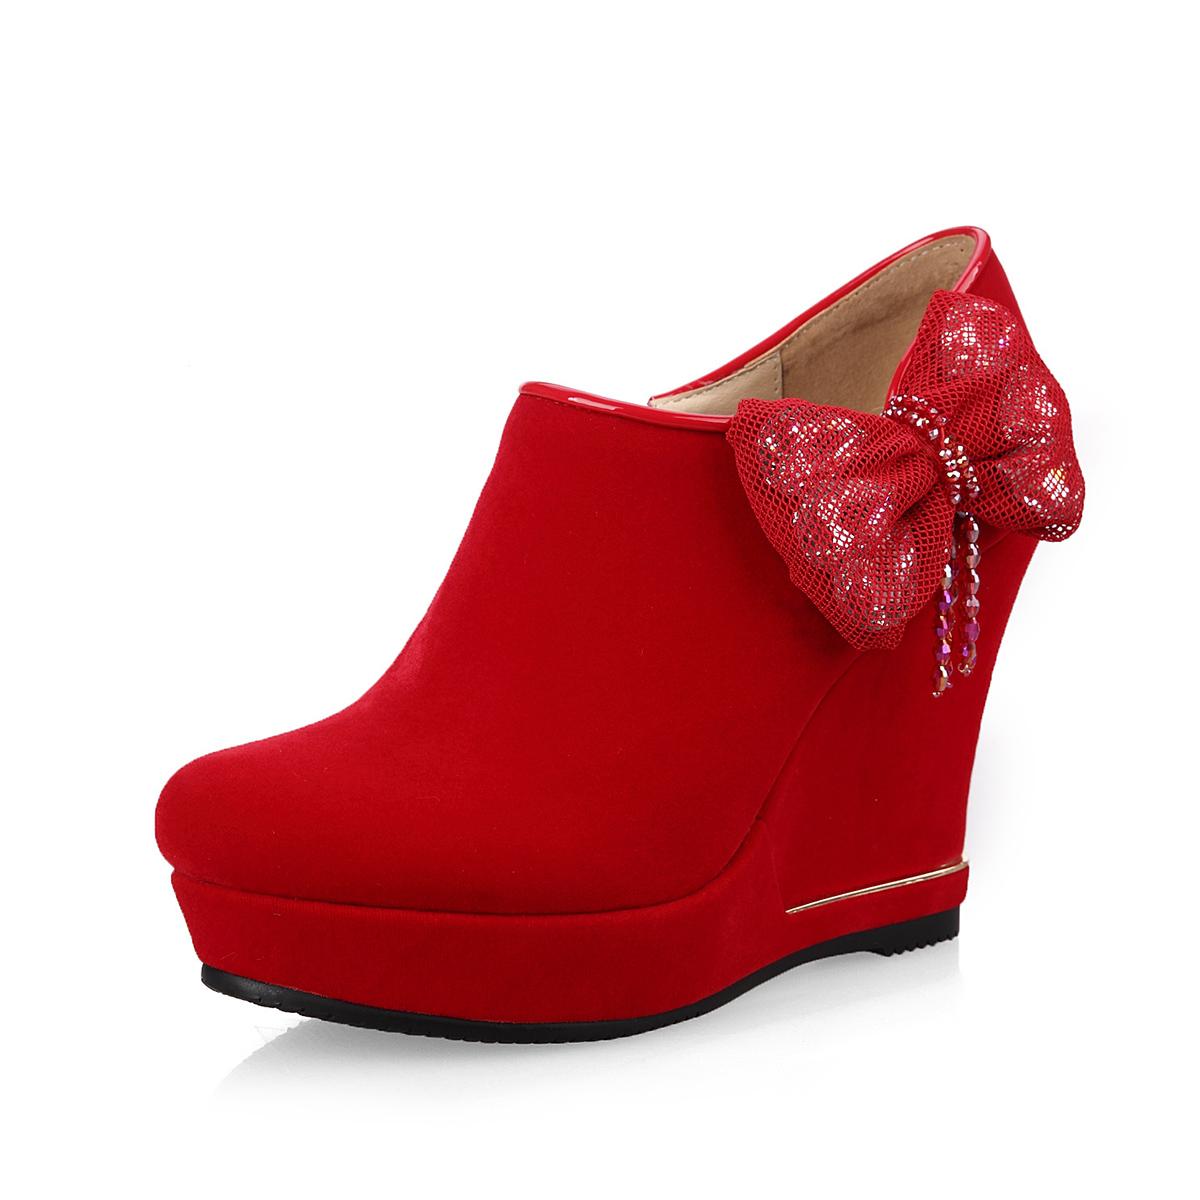 2017高端女鞋春季时尚及踝靴欧美舒适坡跟圆头蝴蝶结单鞋单靴